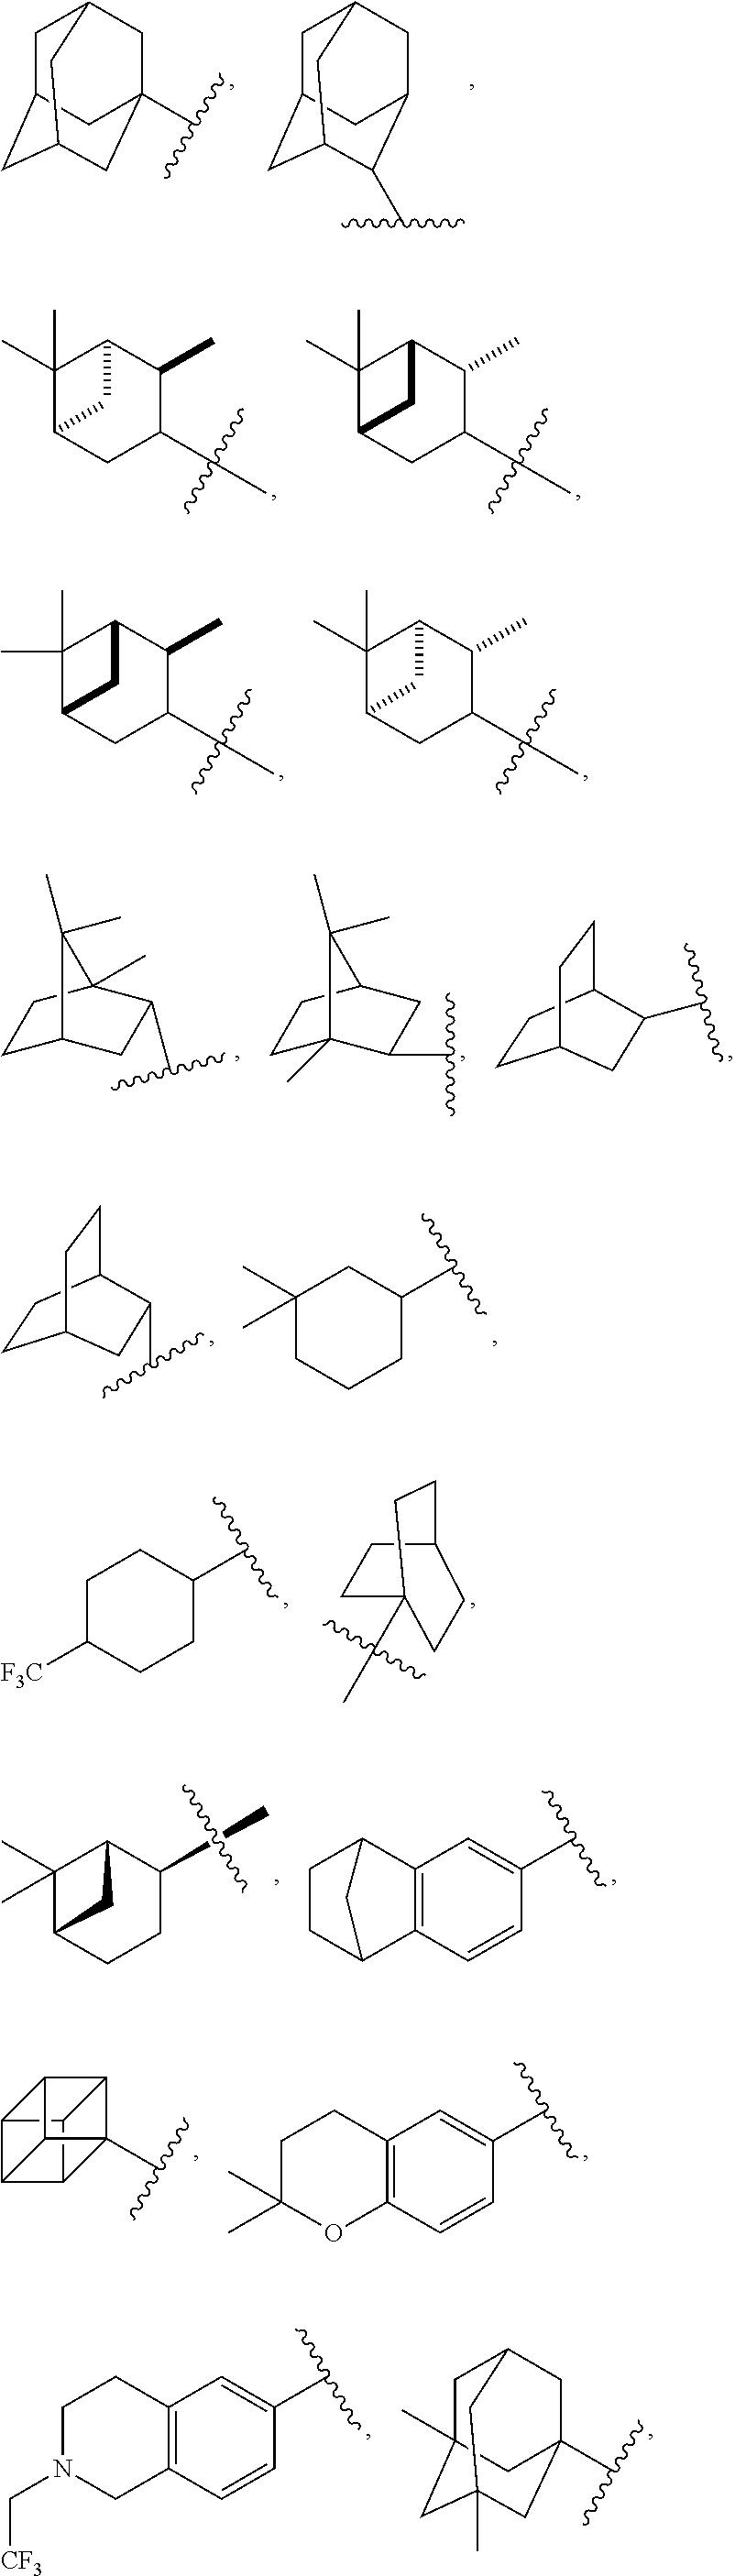 Figure US09771376-20170926-C00005